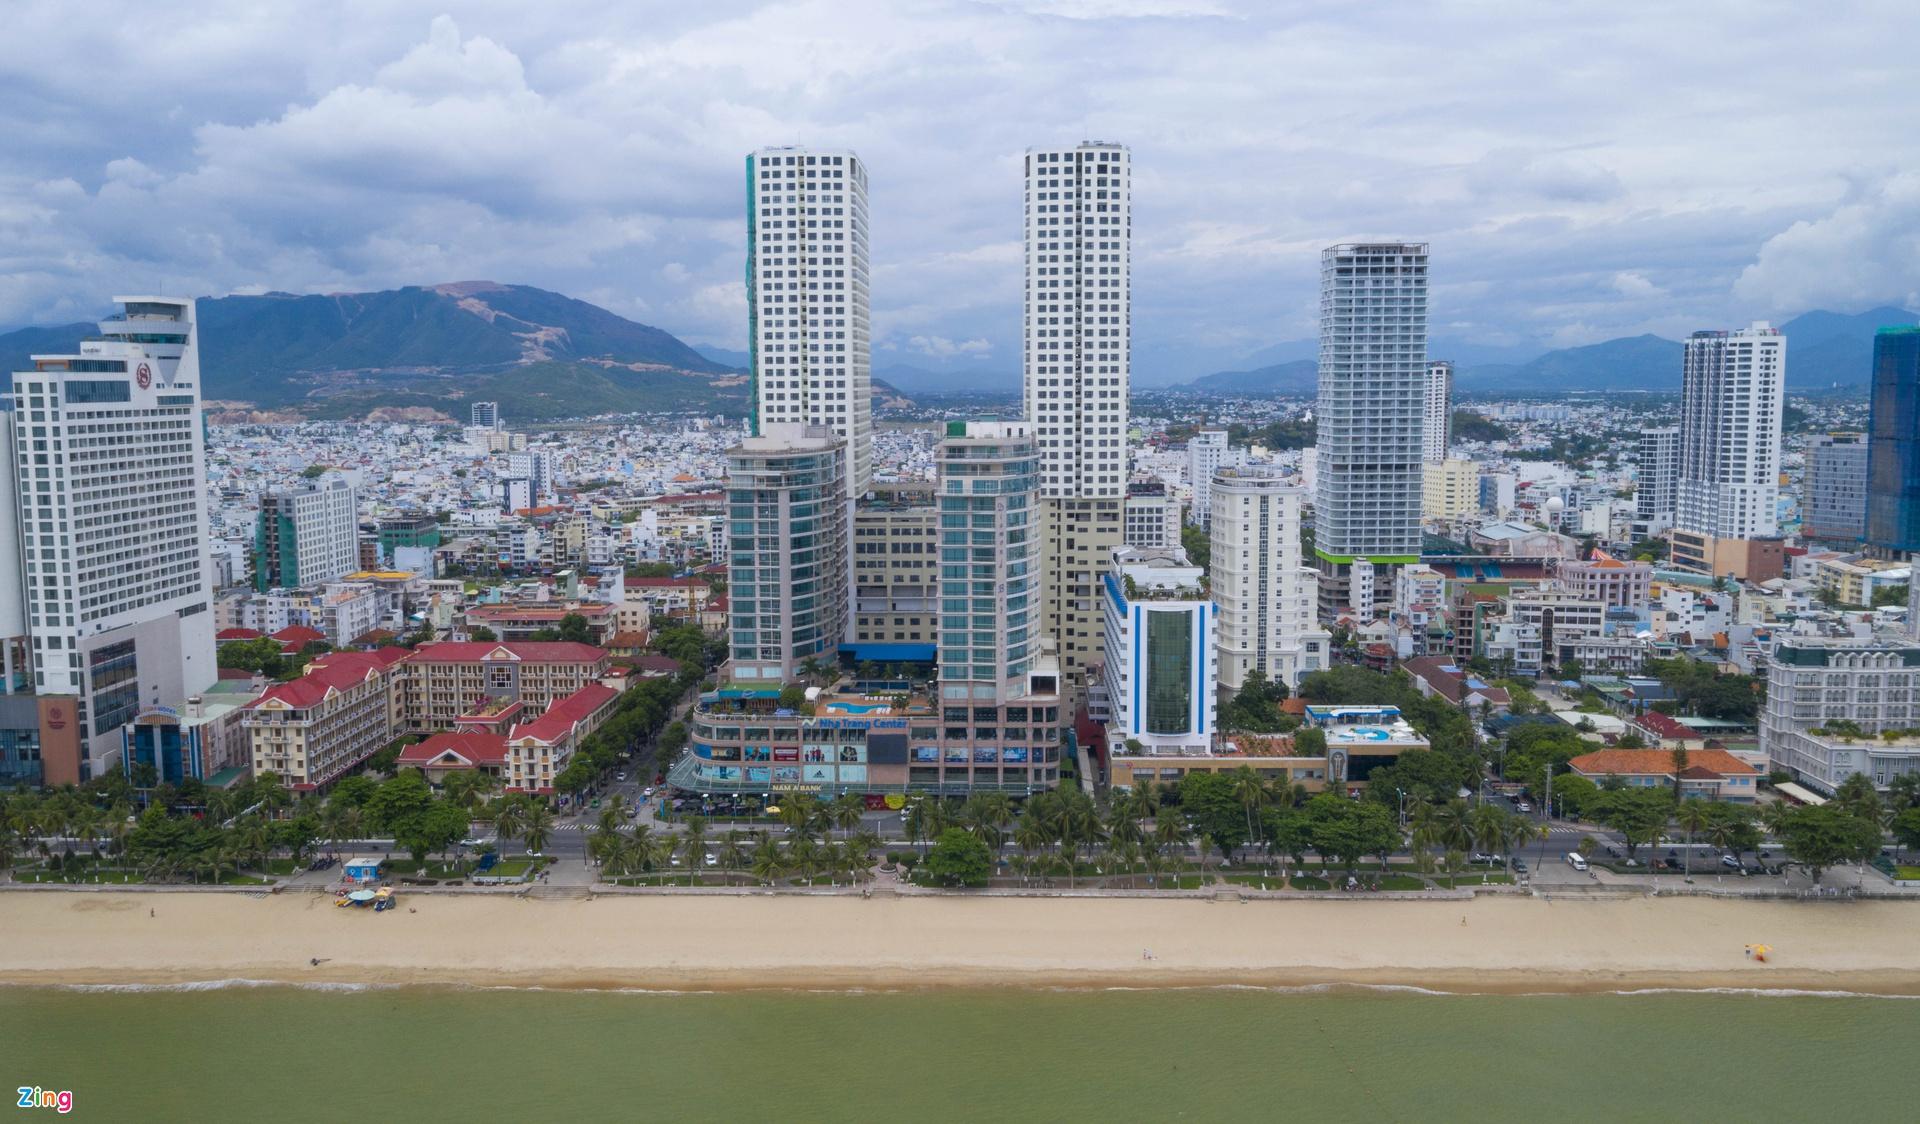 Cơ quan điều tra đã khởi tố 3 vụ án liên quan các sai phạm đất đai ở Nha Trang. Ảnh: An Bình.